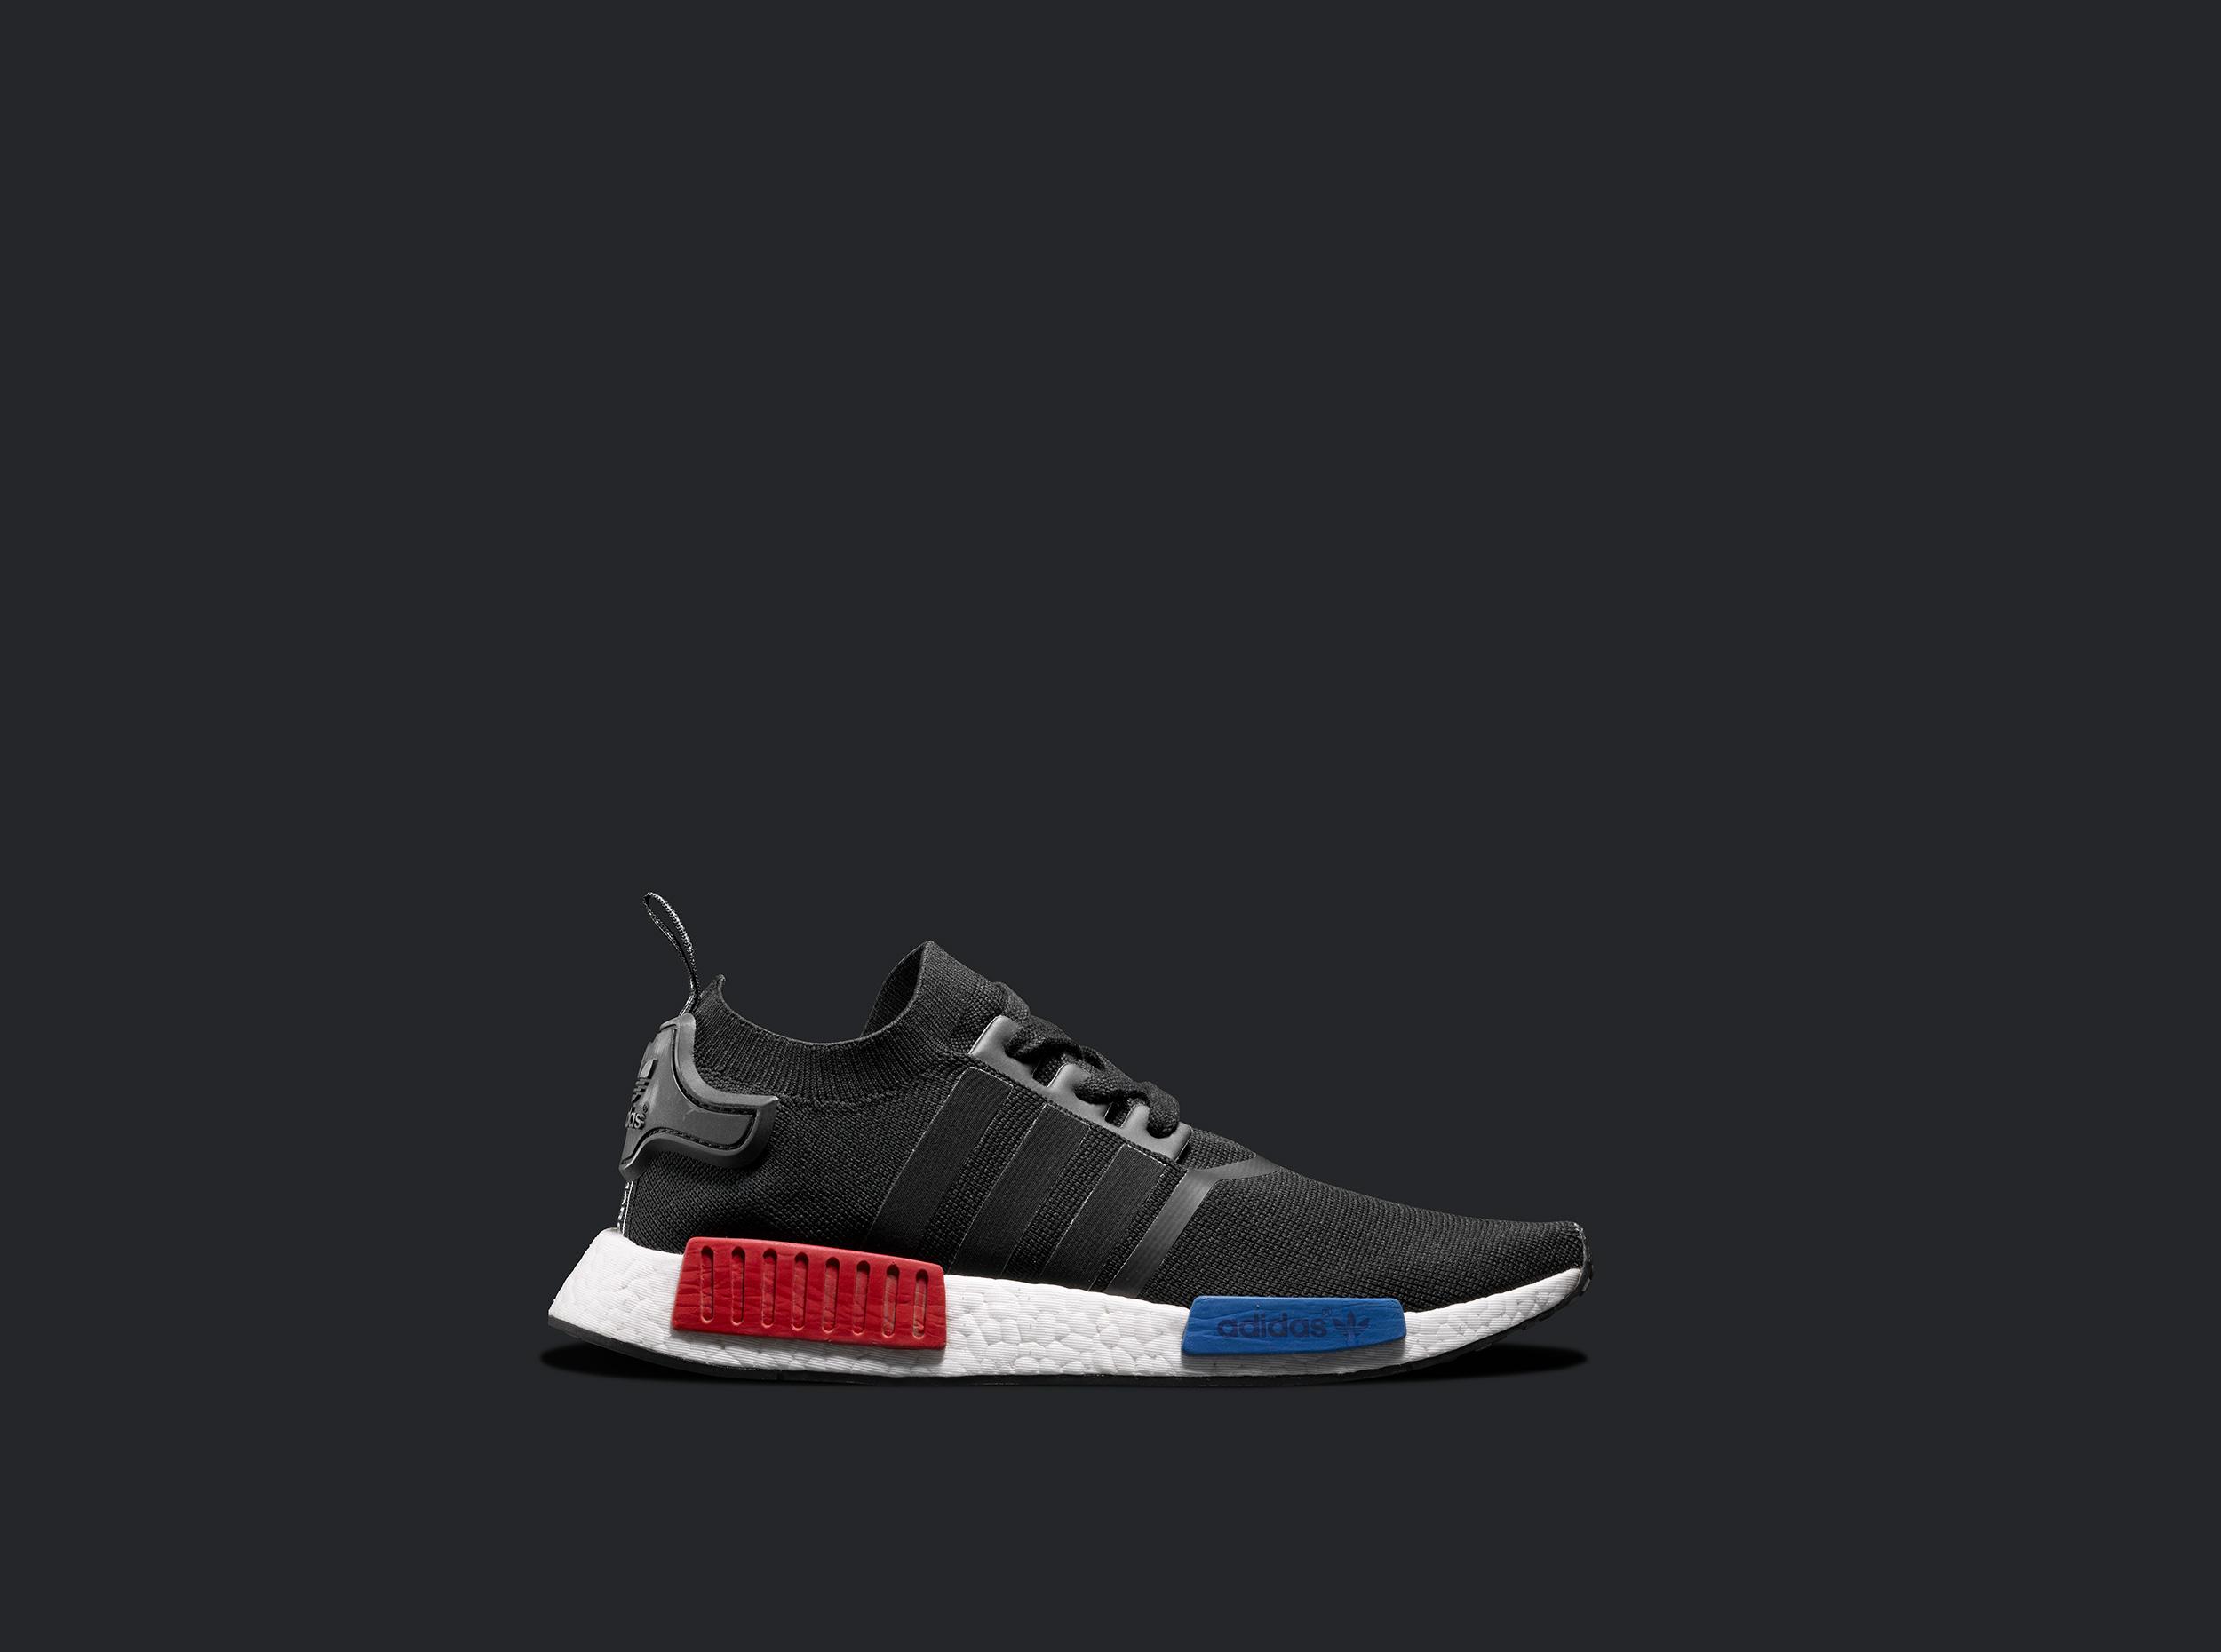 zapatillas adidas nuevos modelos 2016